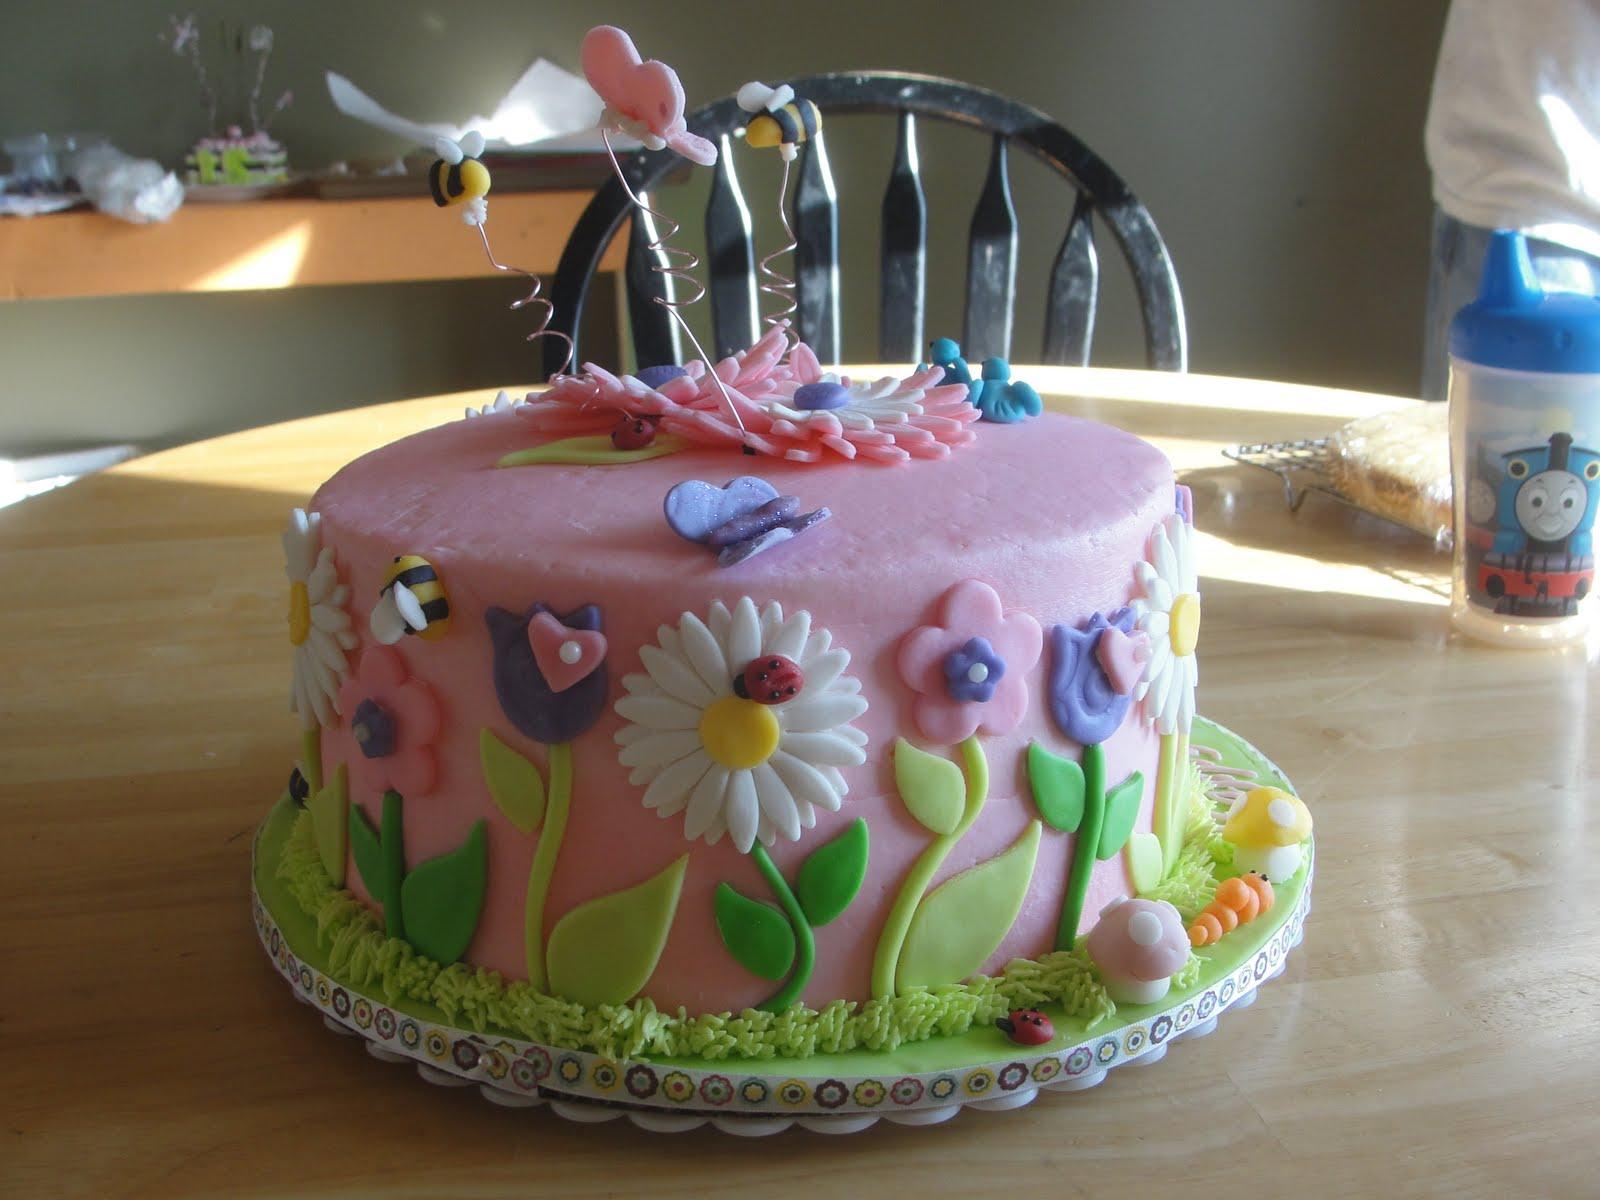 Flower Cakes Decoration Ideas Little Birthday Cakes,Bathroom Design Ideas 2017